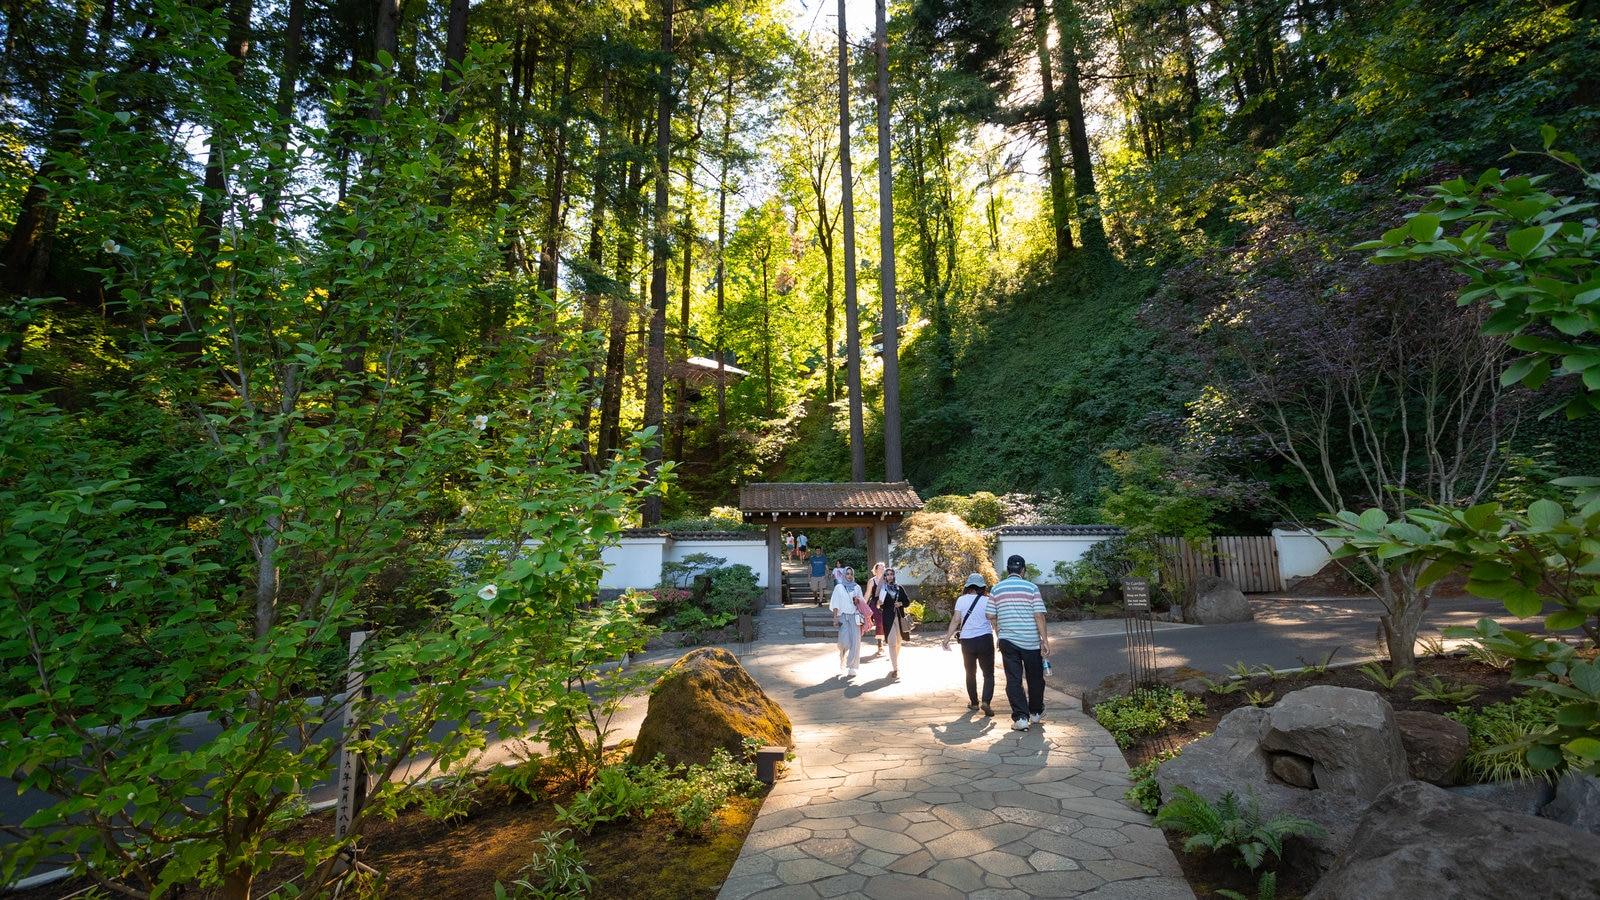 Jardín Japonés de Portland ofreciendo un jardín y escenas forestales